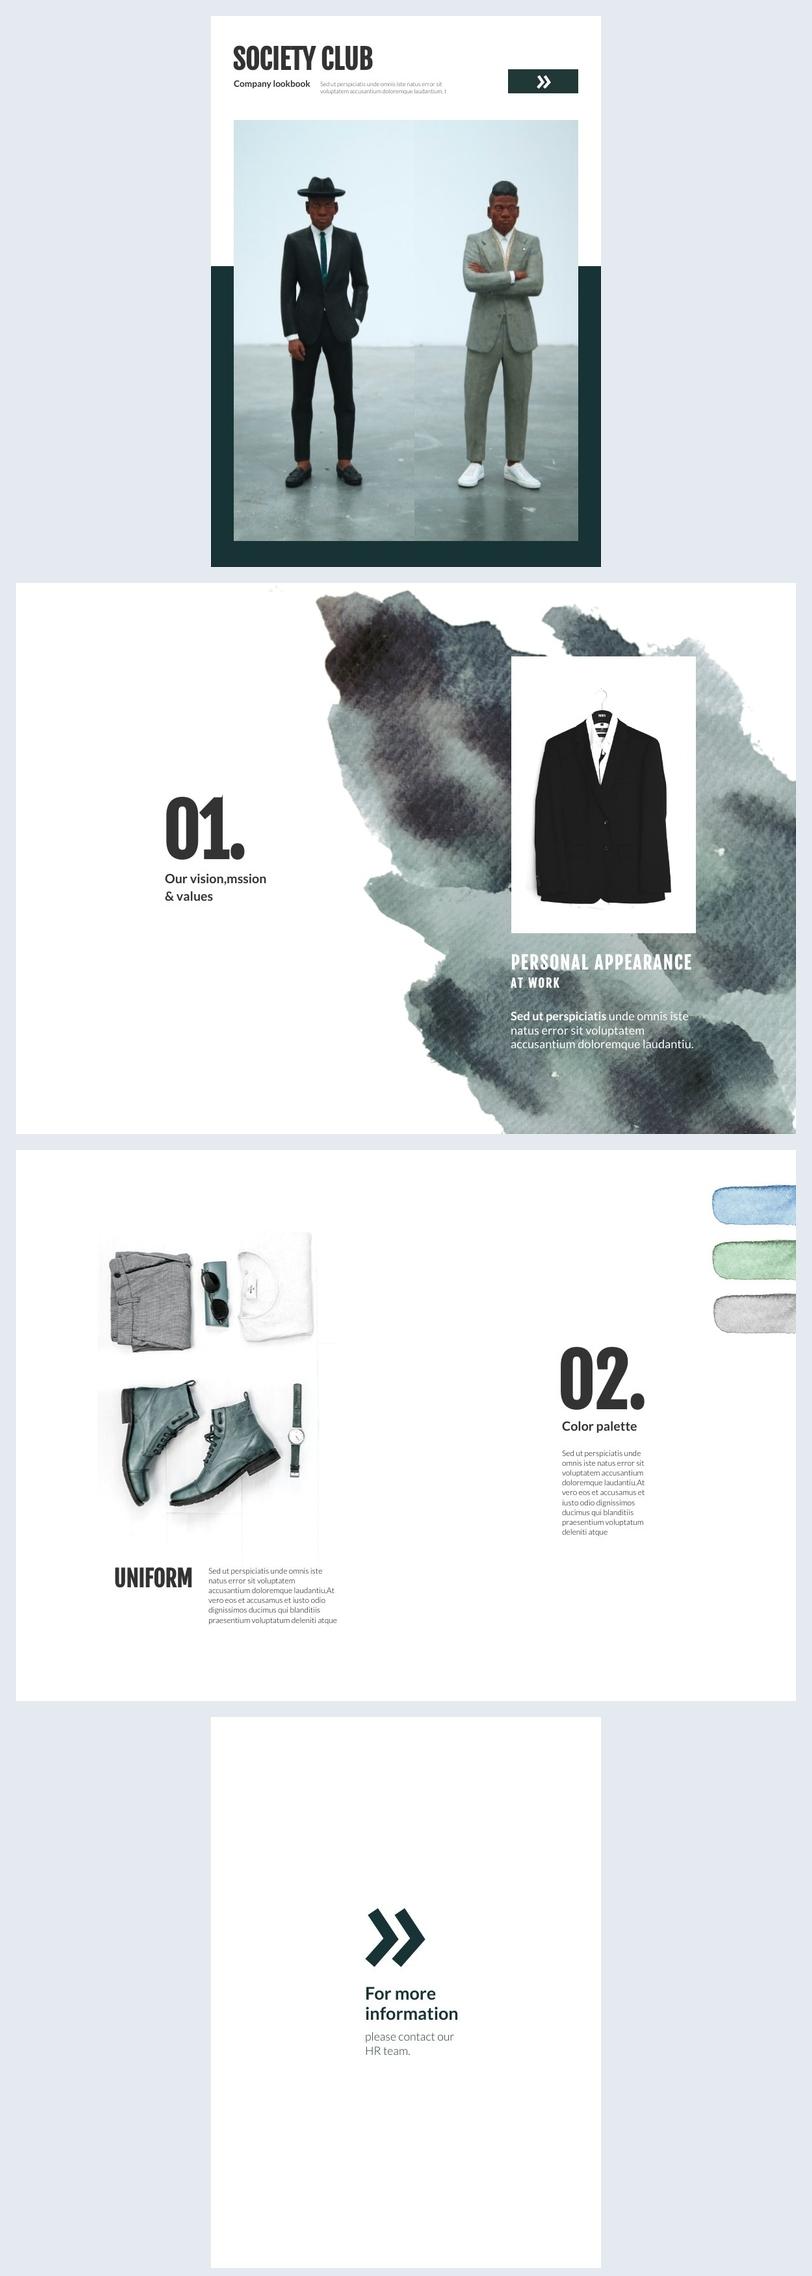 Company Lookbook Design Idea